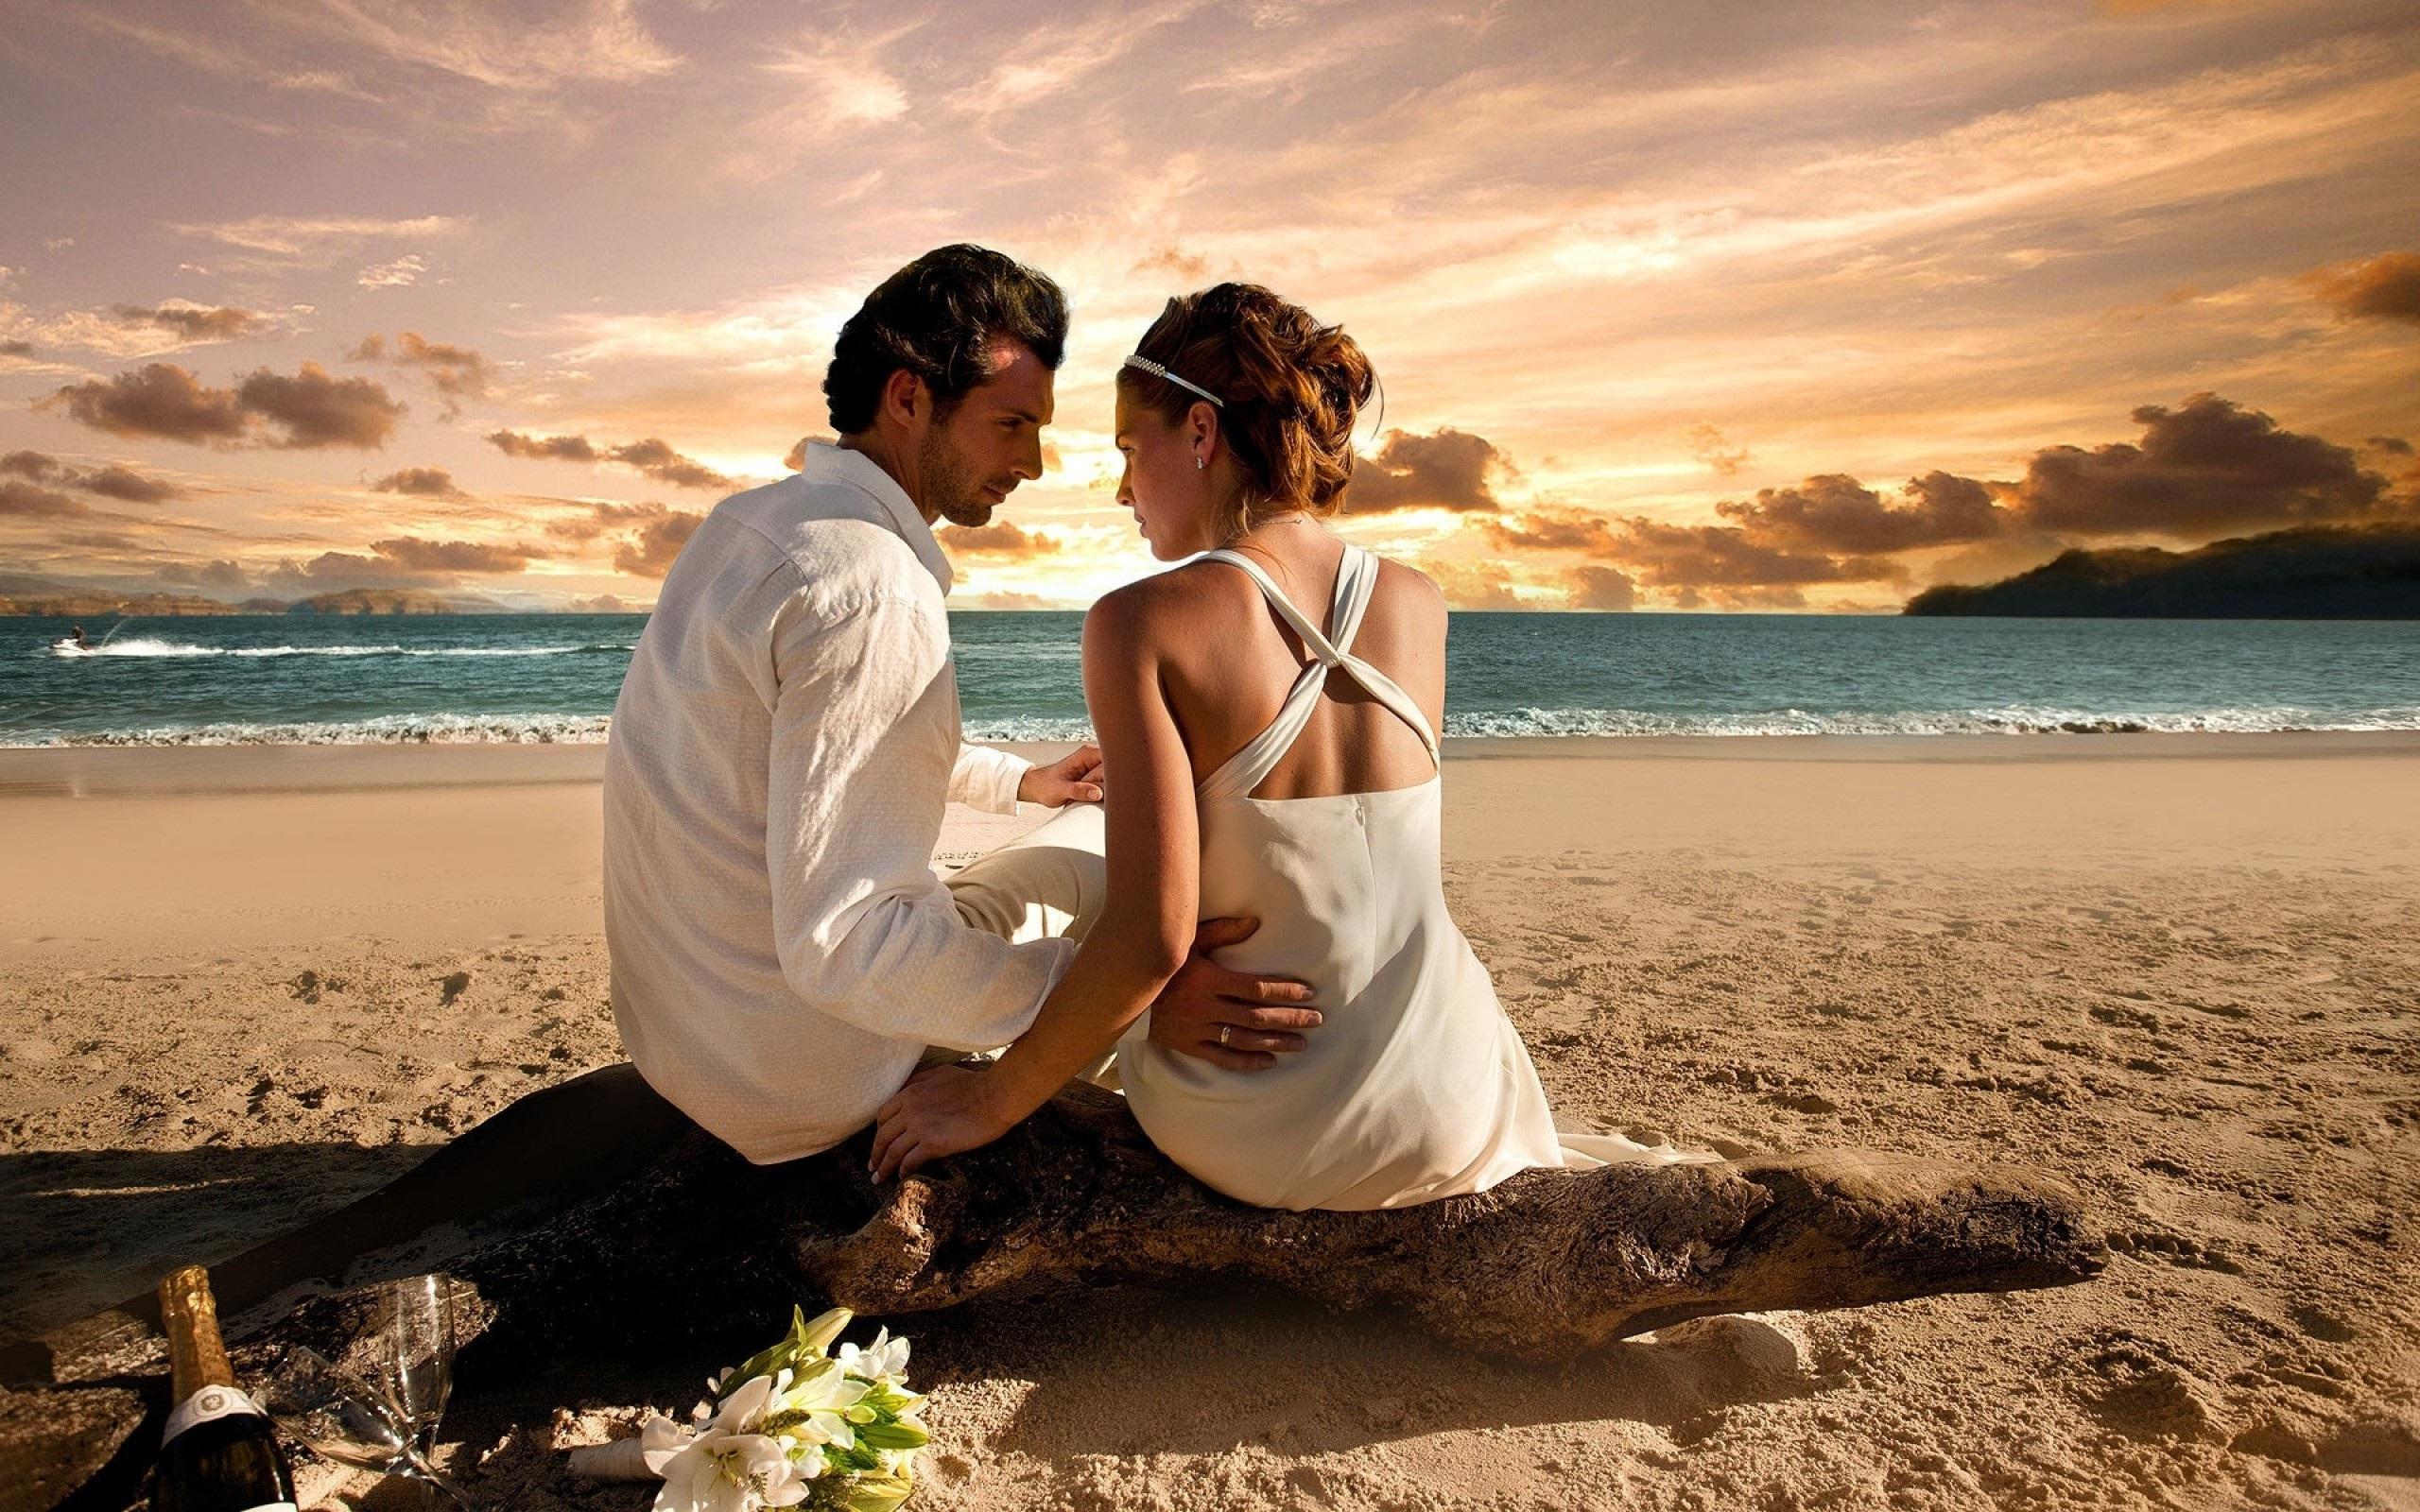 важная информация о будущем муже, что нужно знать девушке о нем